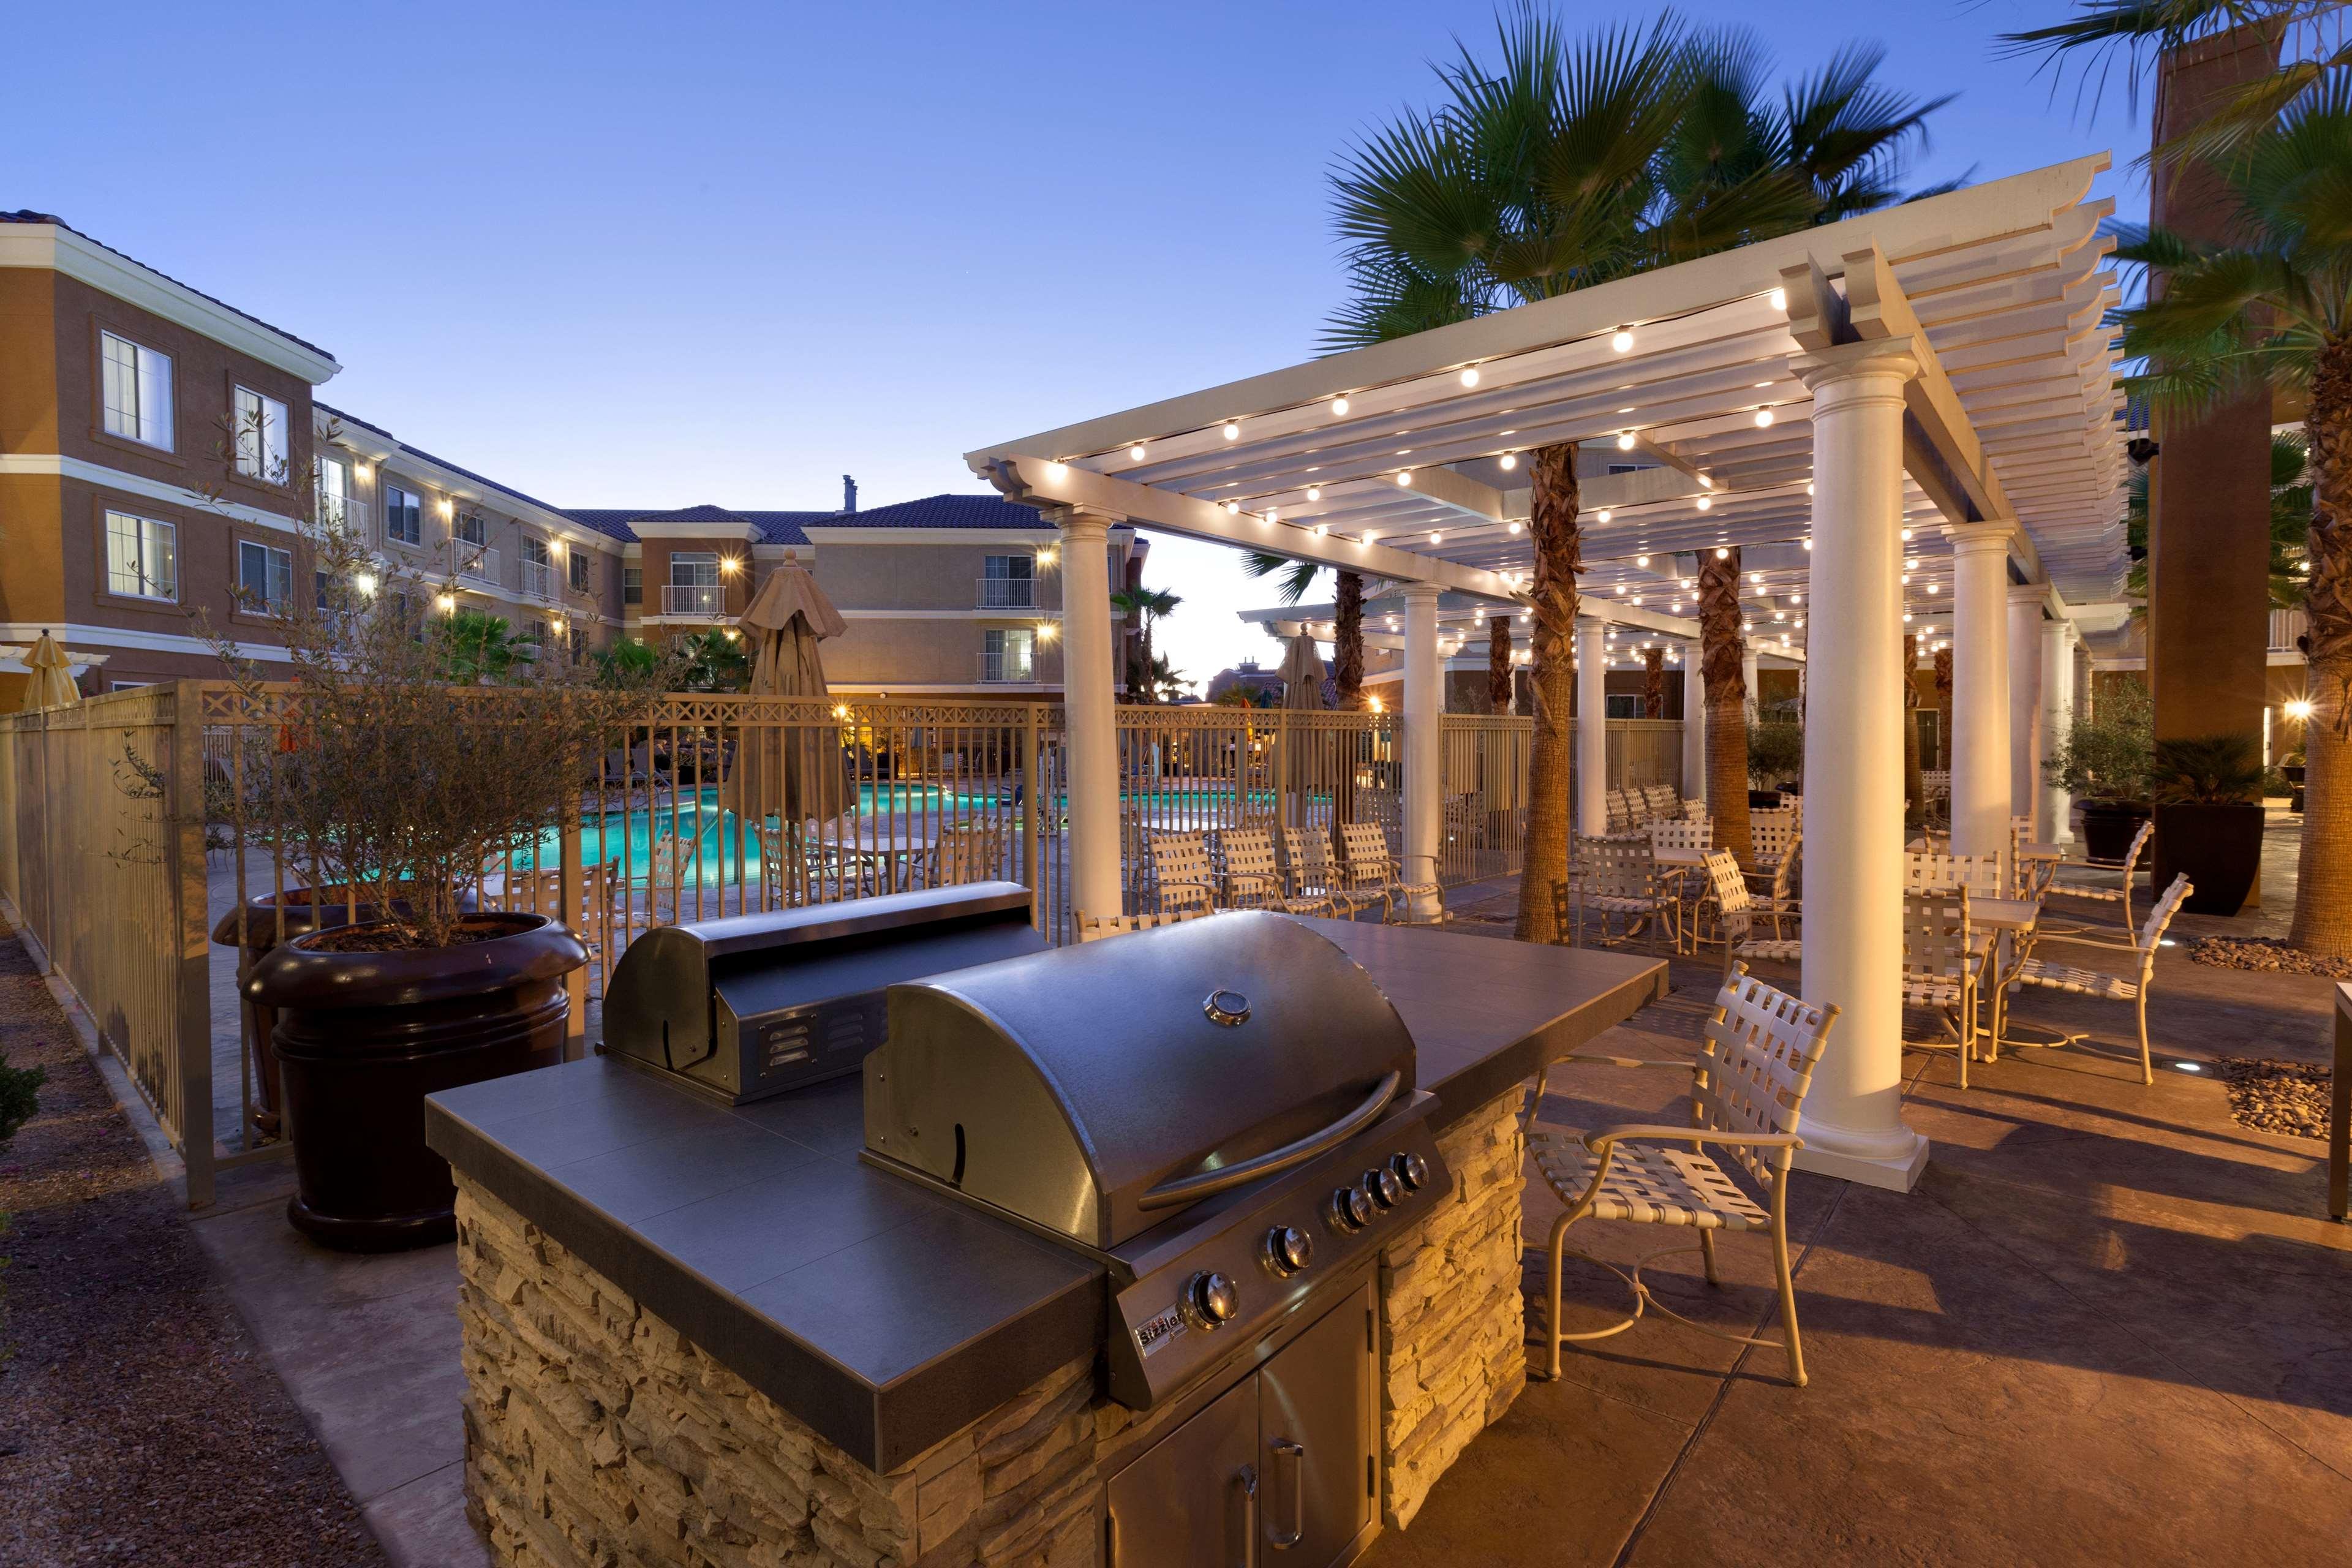 Homewood Suites by Hilton La Quinta image 2